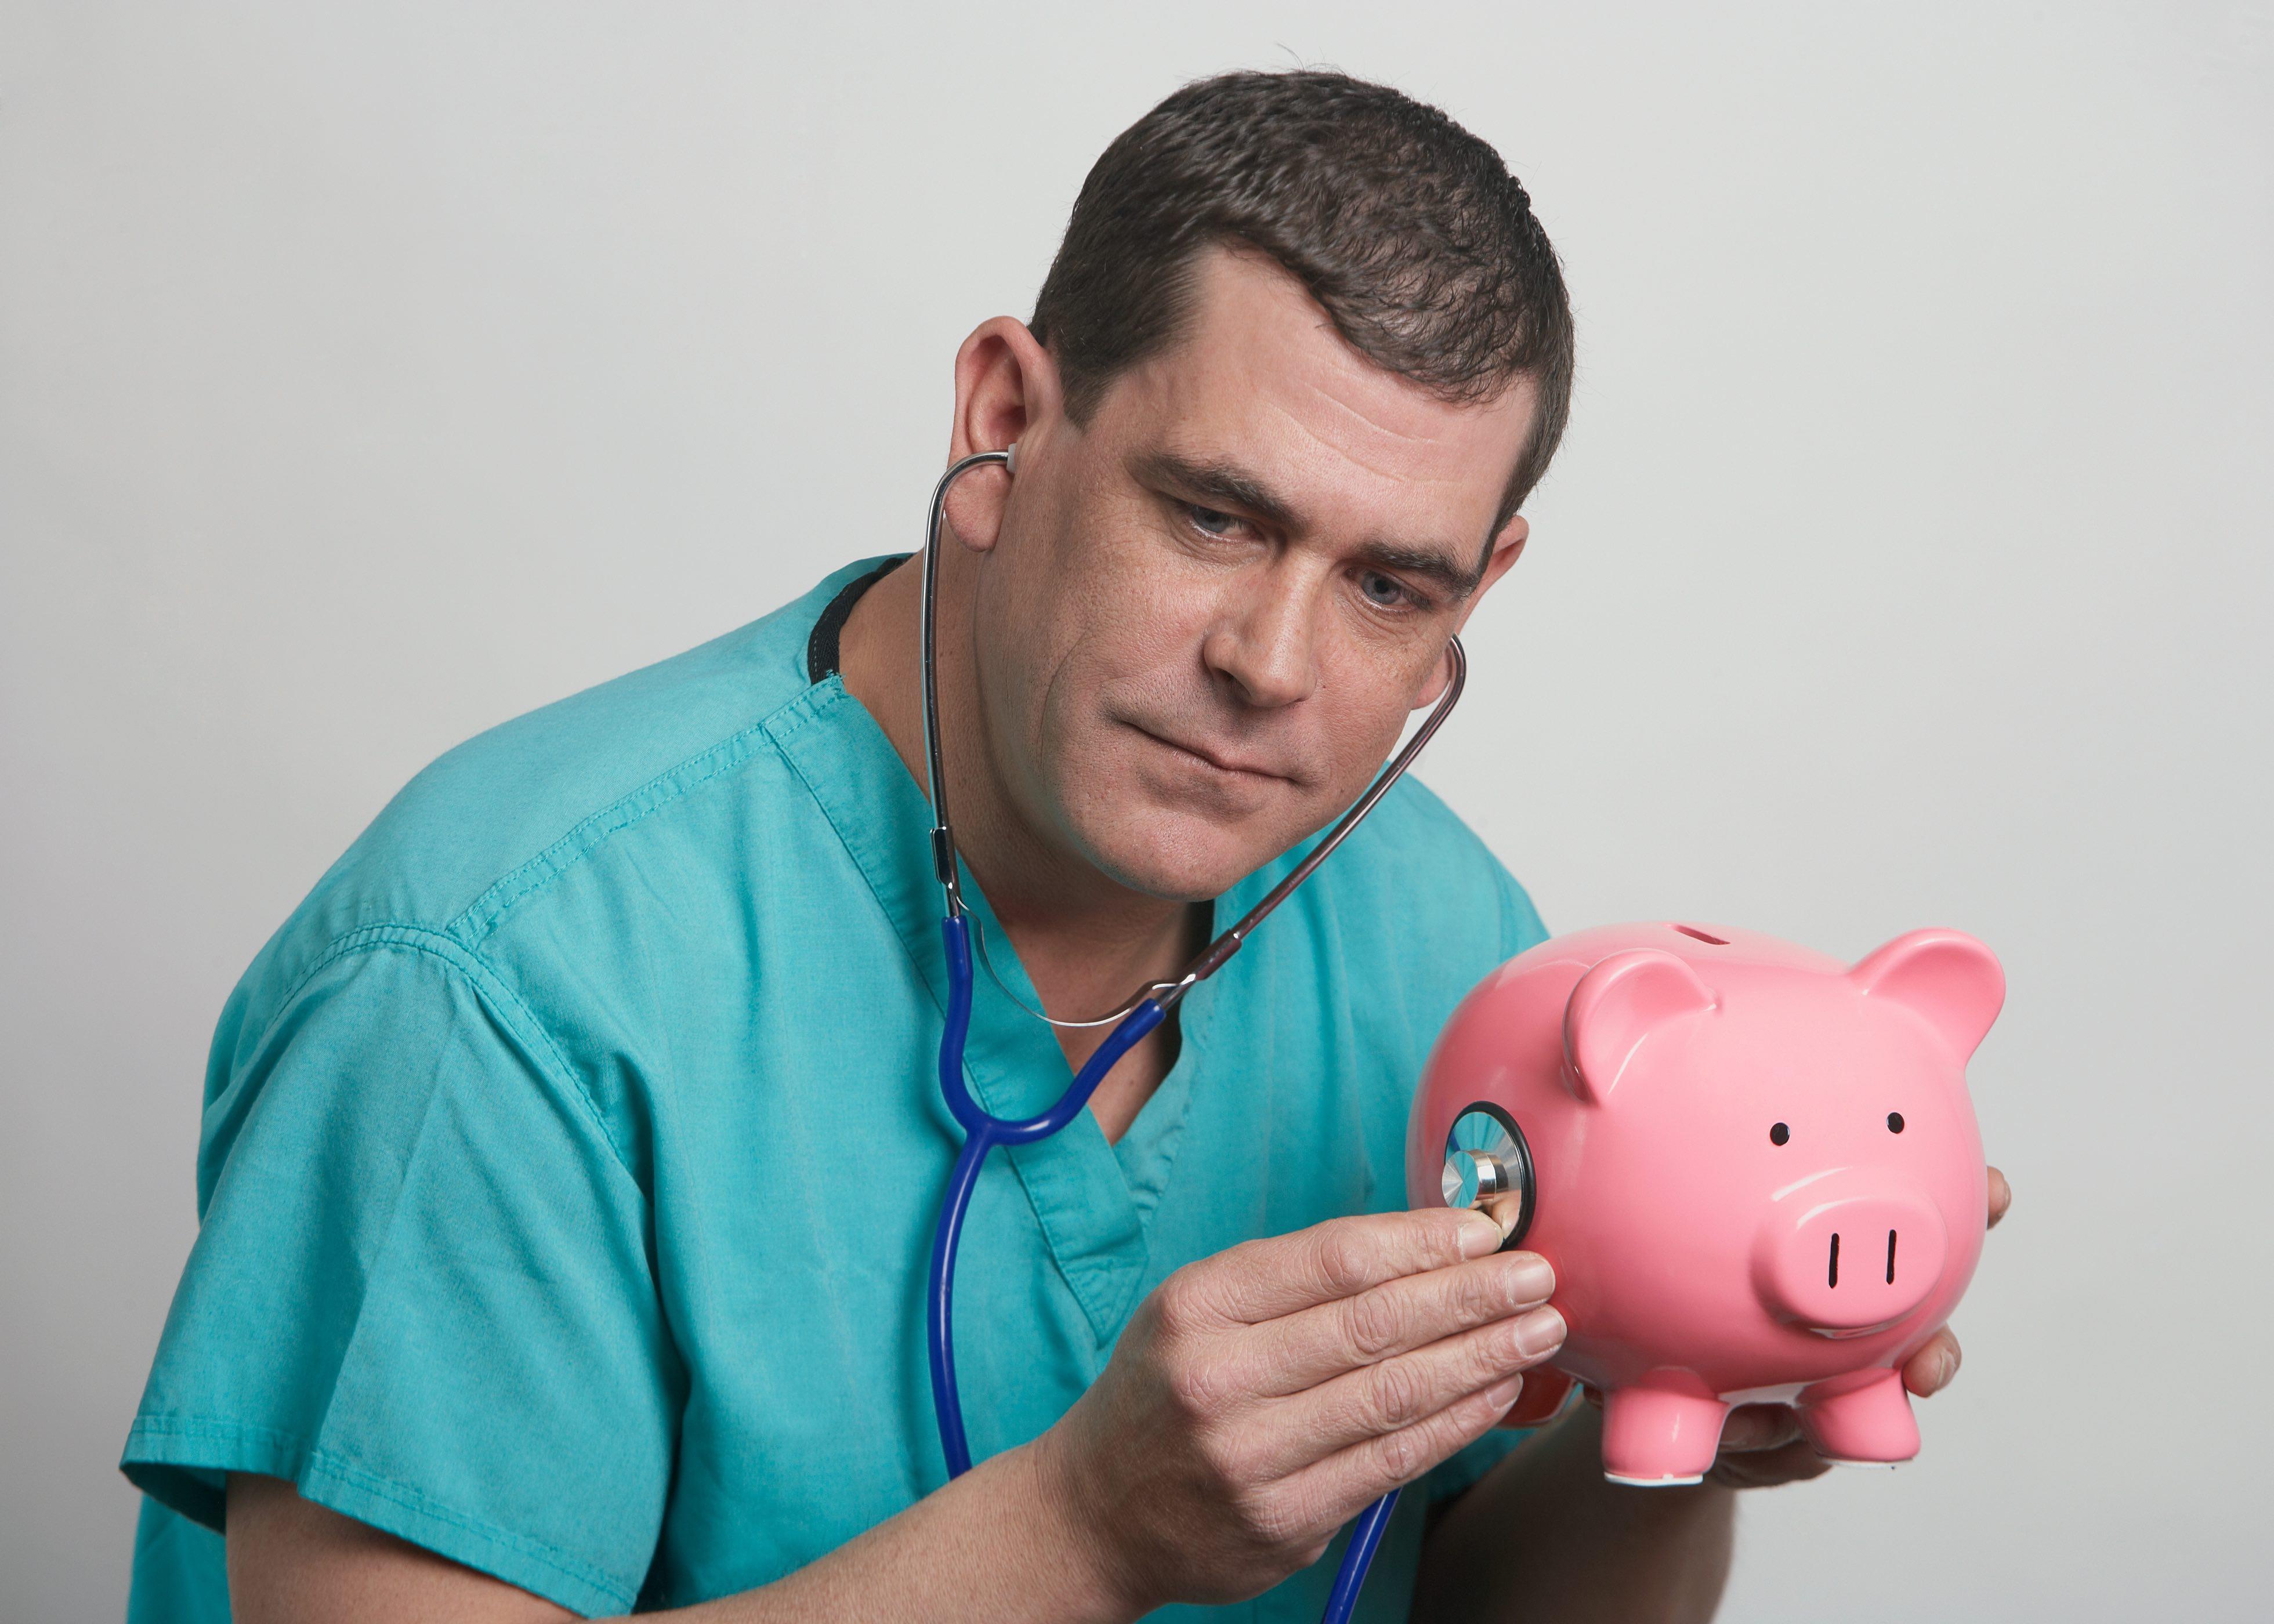 懶人也適用》不想再入不敷出?專家教你三招超簡單改善財務體質!